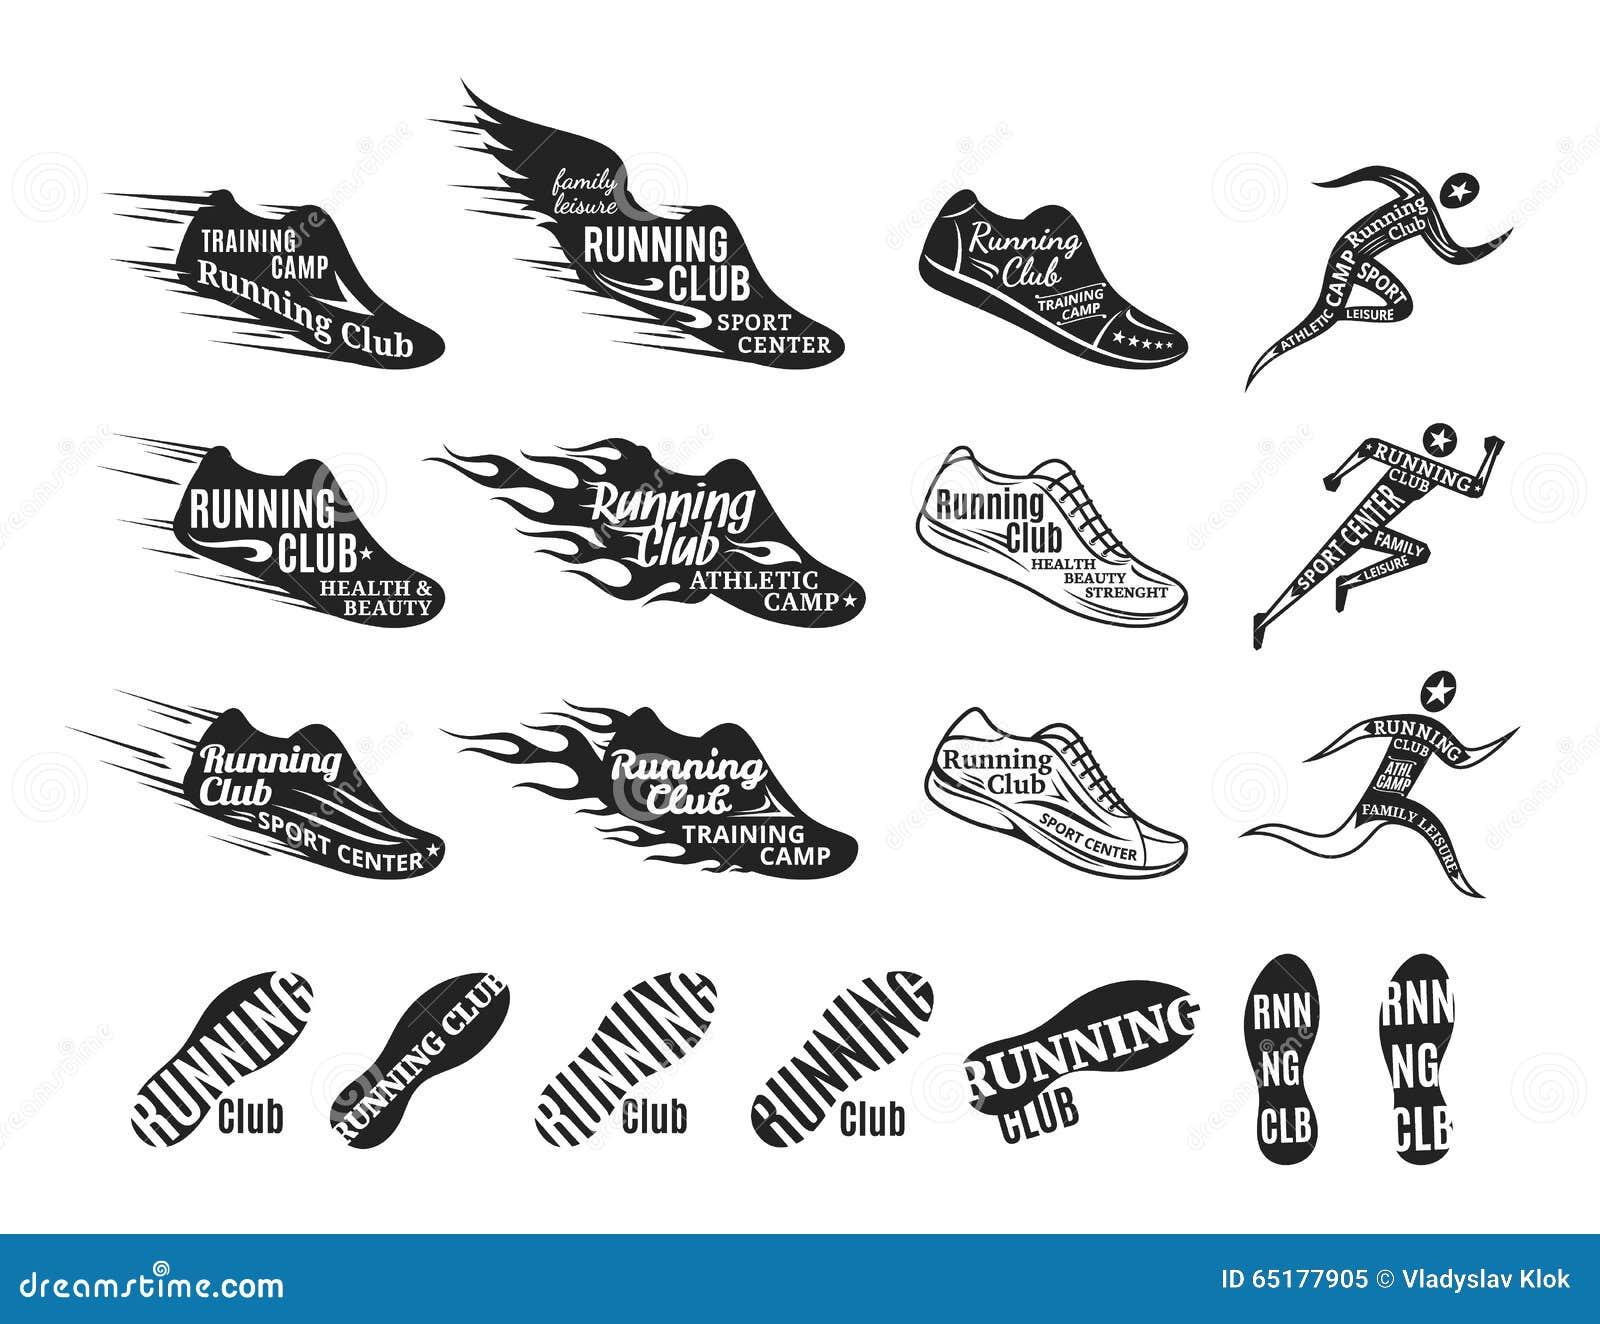 the running design royaltyfree illustration